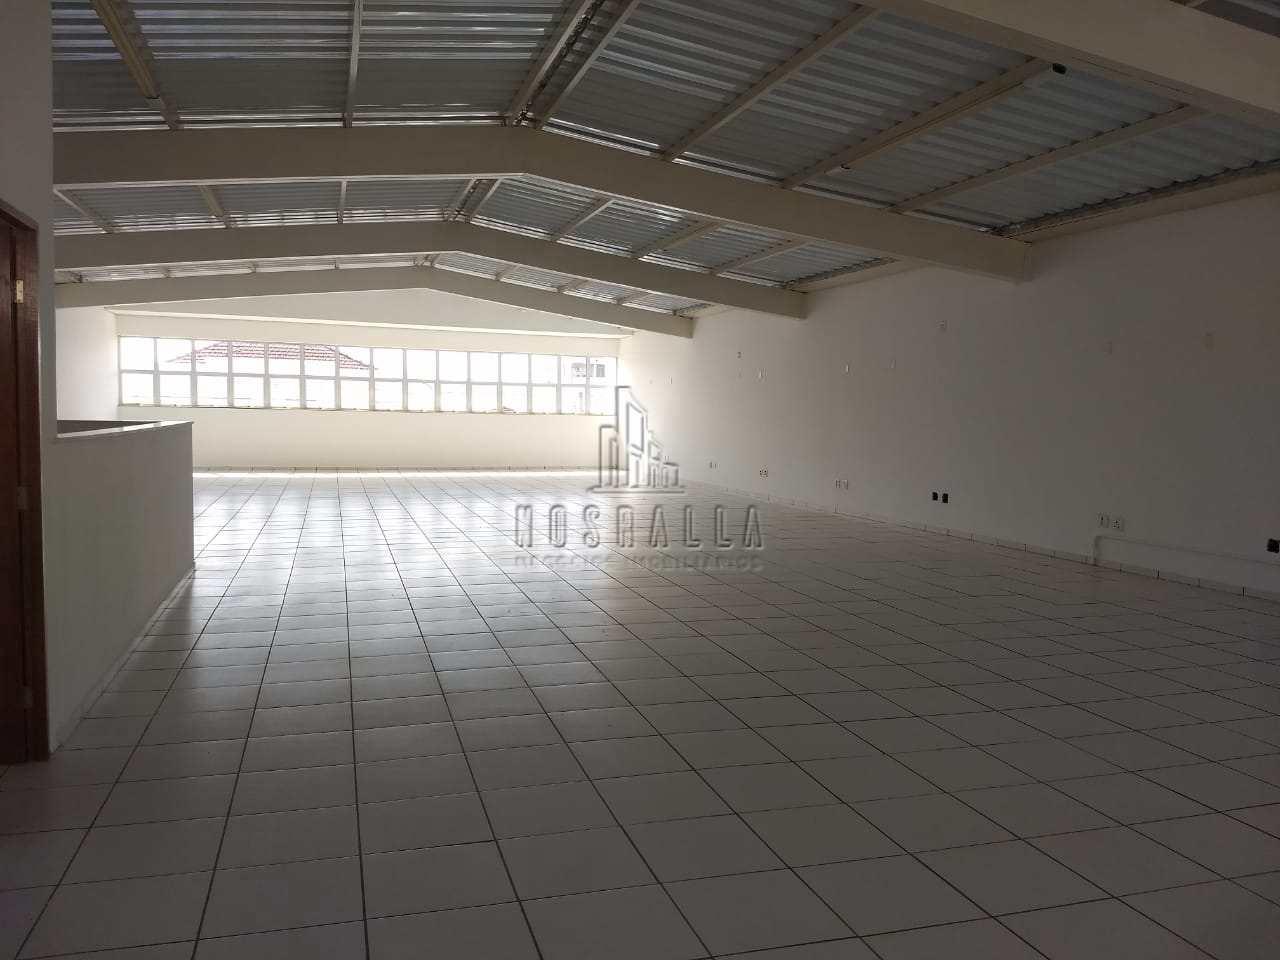 Loja, Centro, 600² ao lado lojas grandes  marcas Jaboticabal,